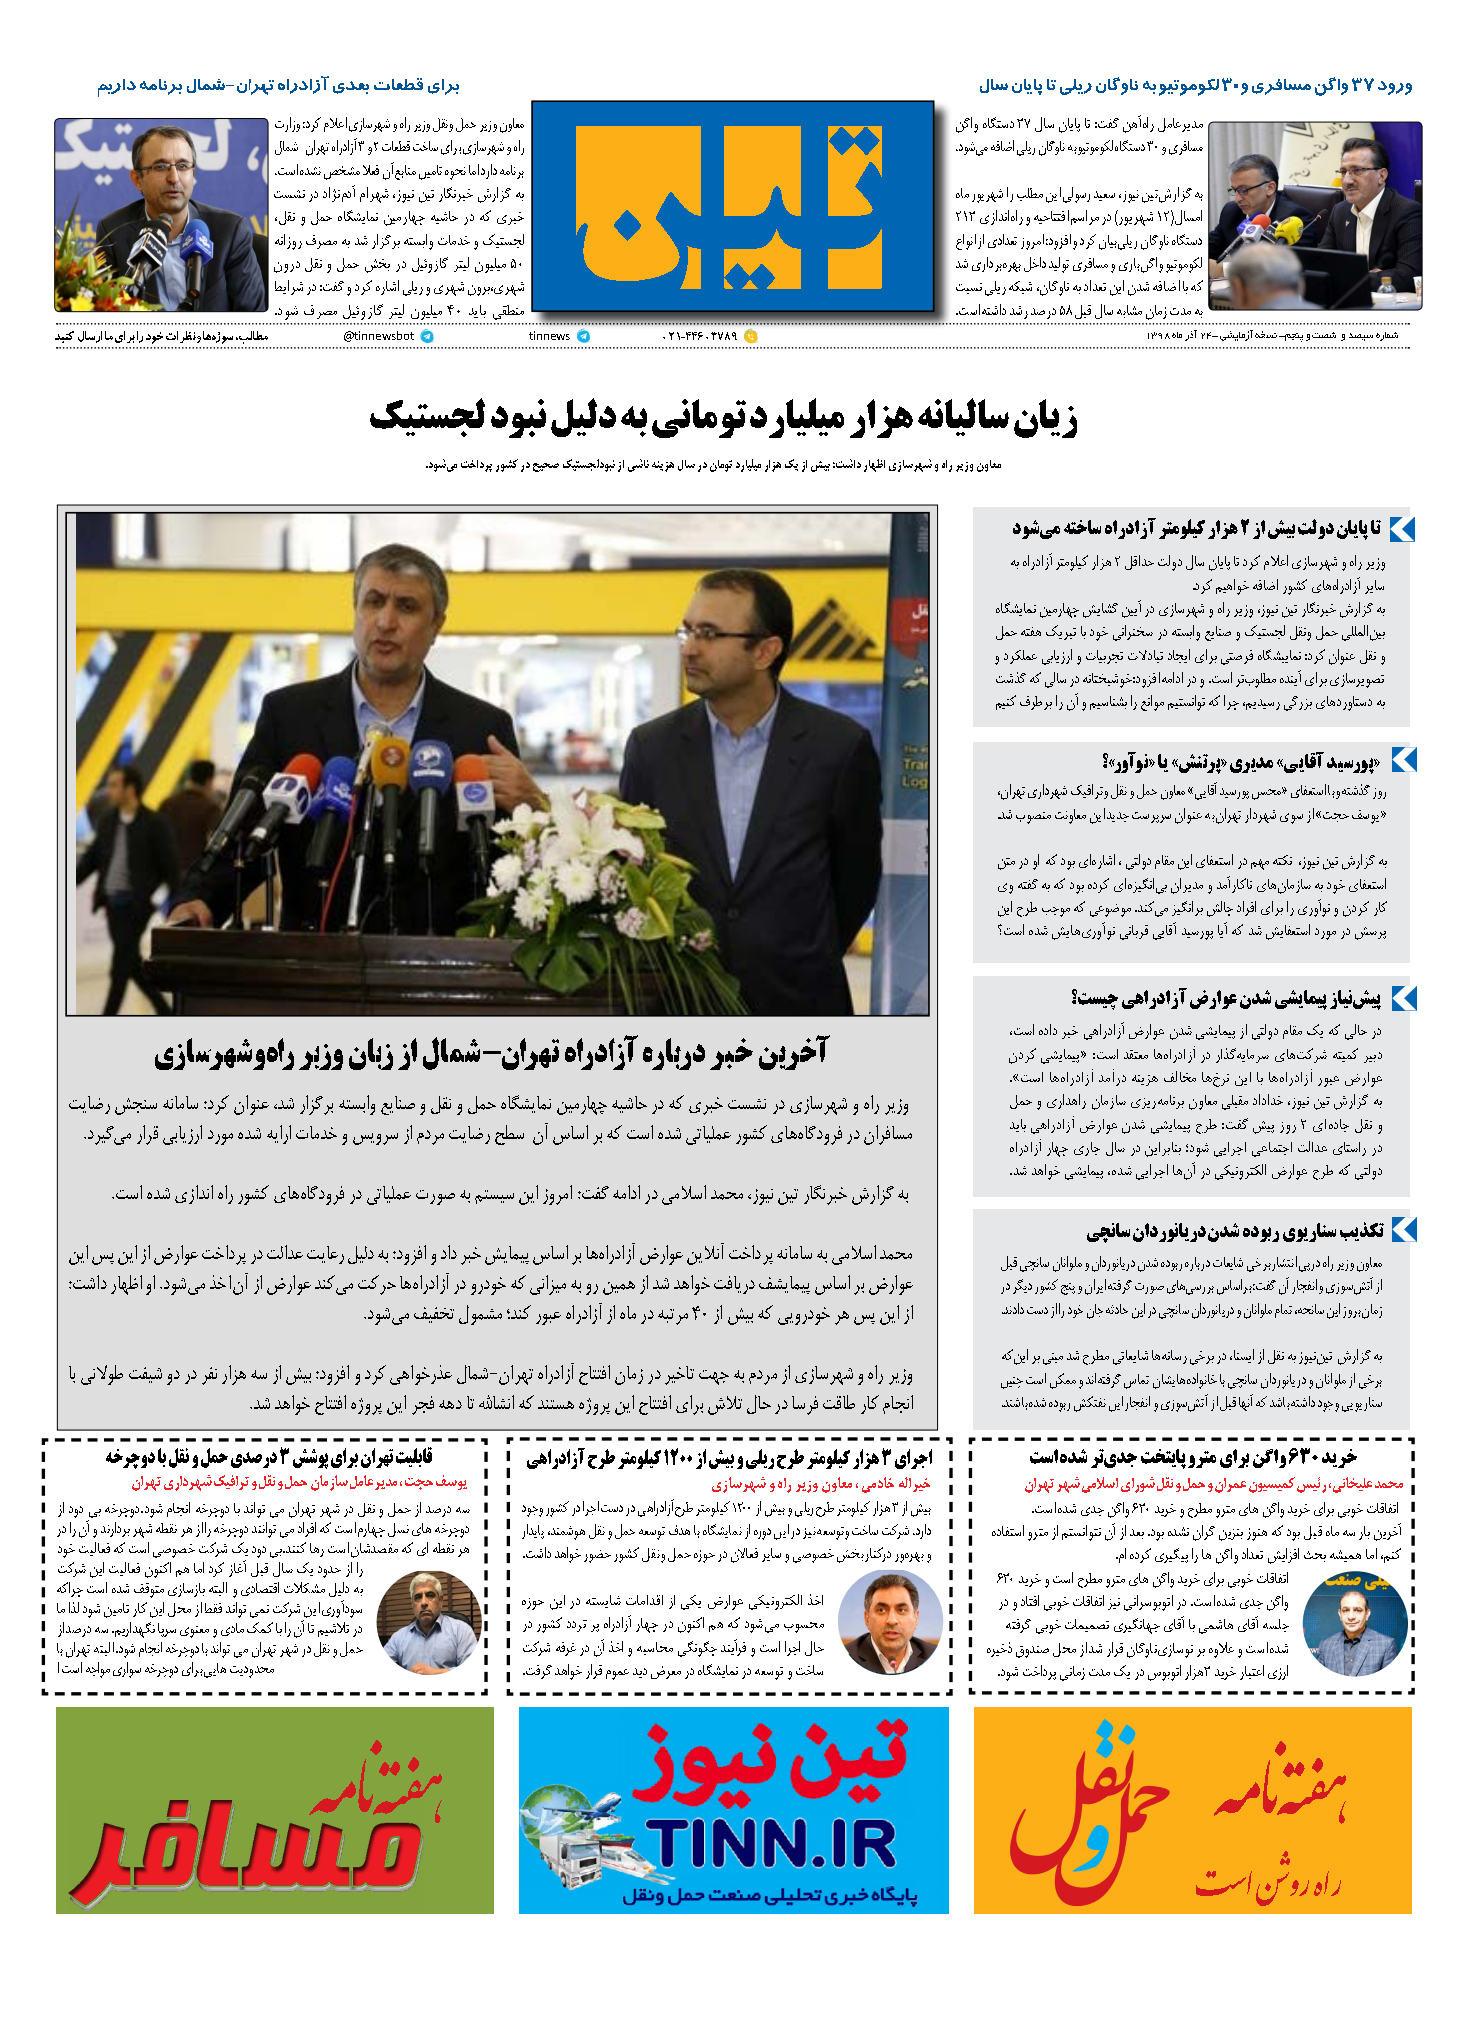 روزنامه الکترونیک 24 آذر ماه 98